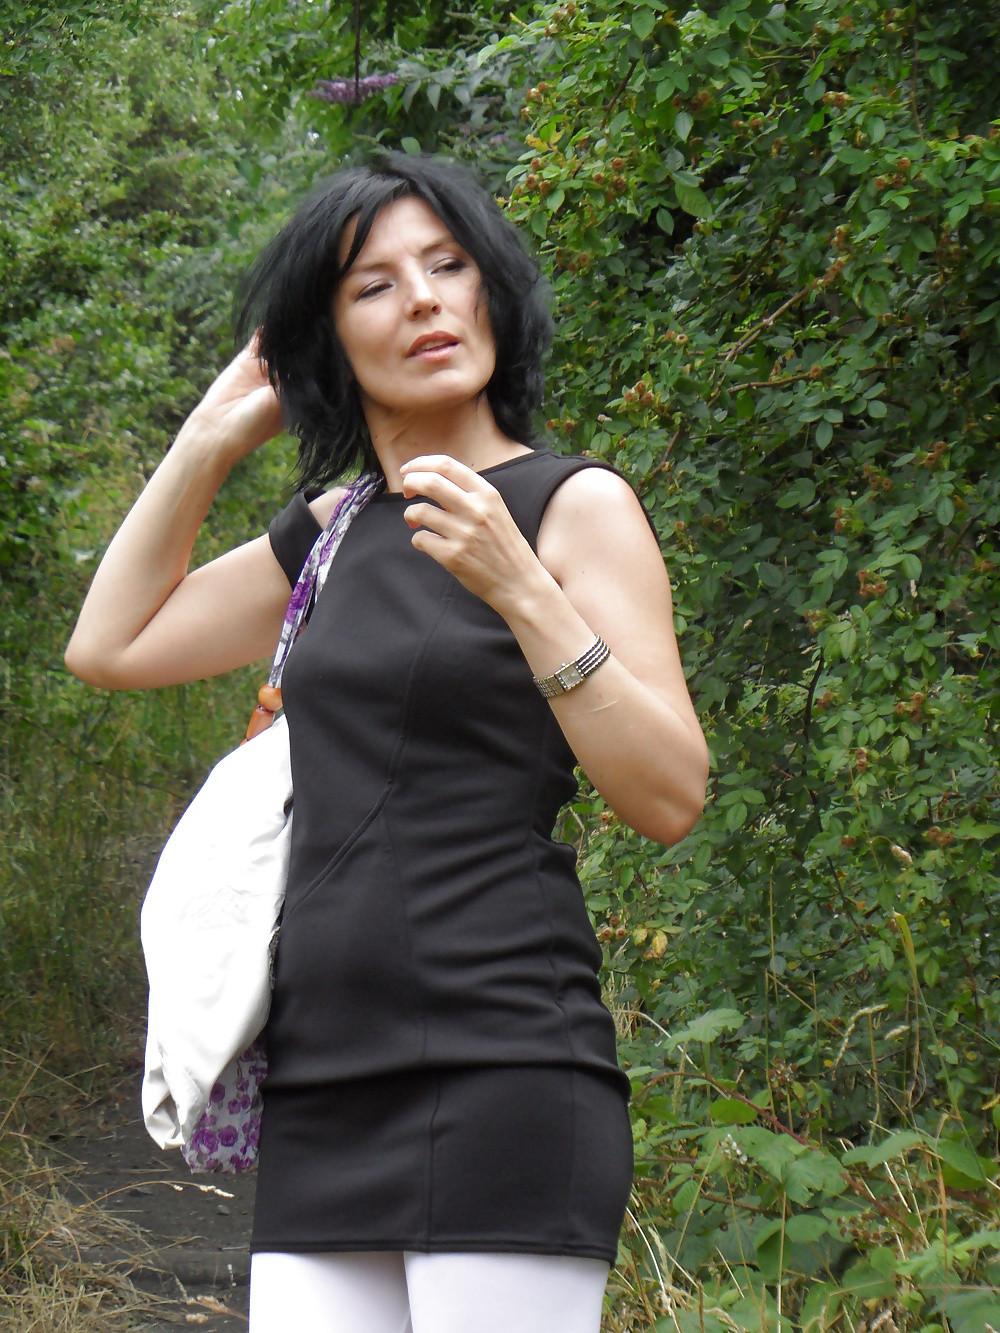 Очень ебабельная итальянка мастурбирует на природе